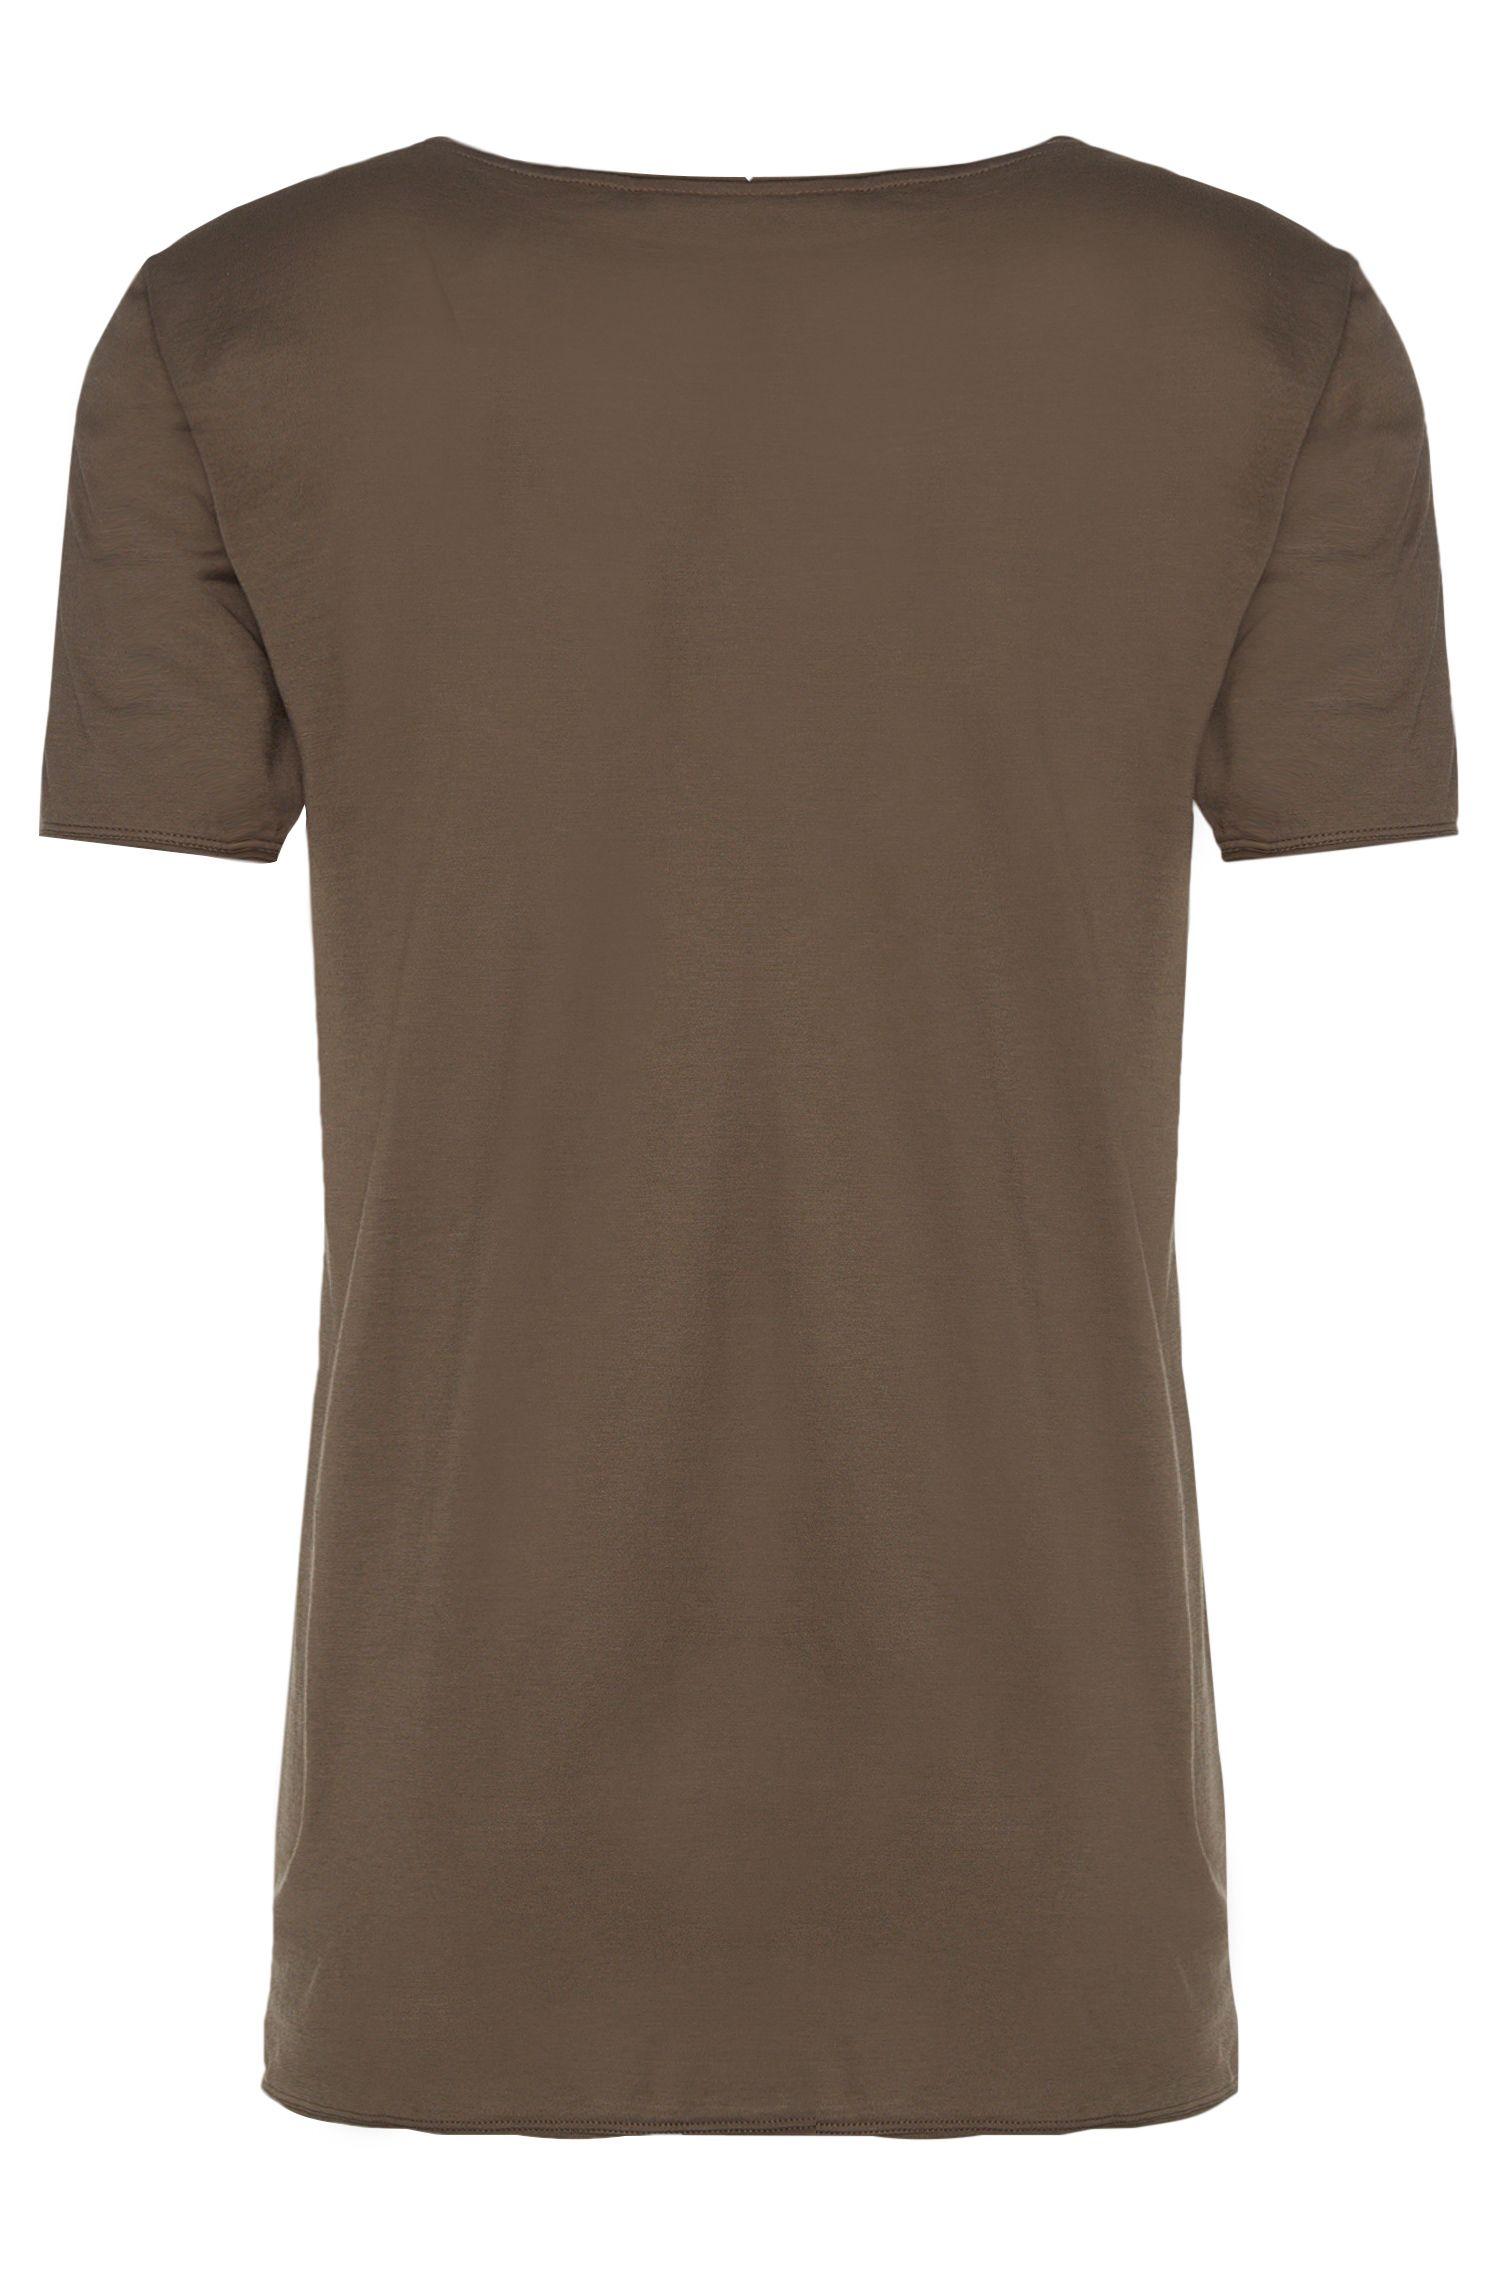 T-shirt Loose Fit en coton: «Depus»